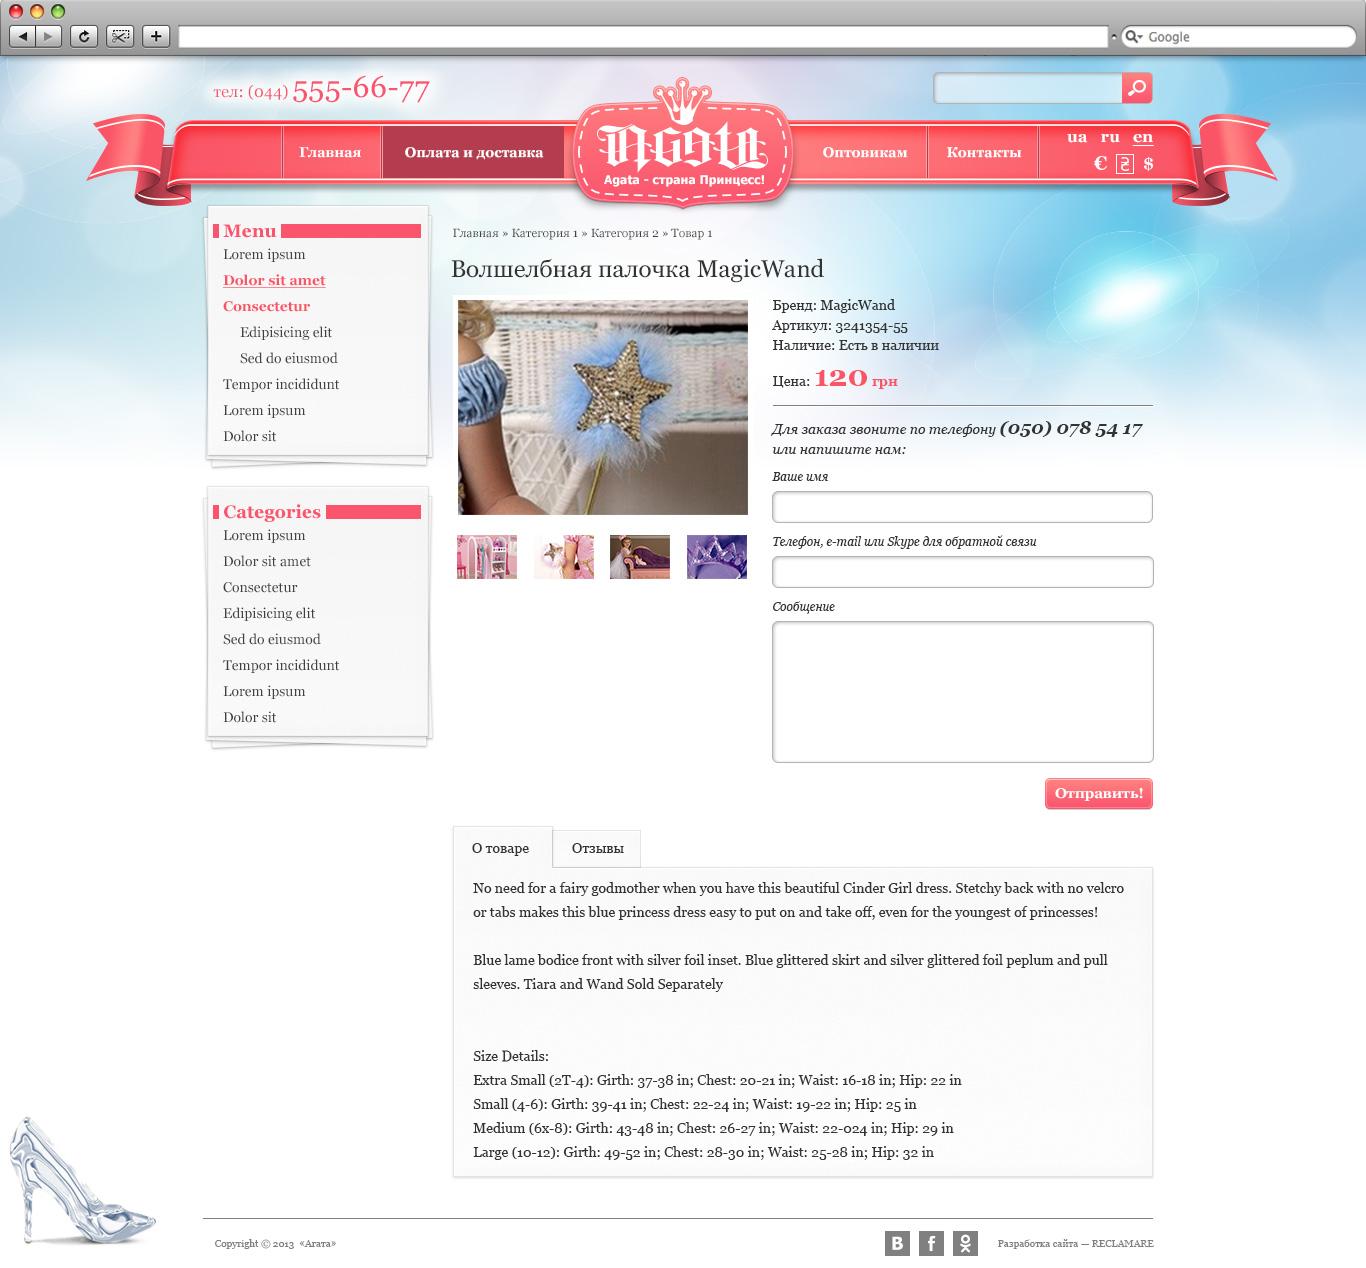 Agata_product